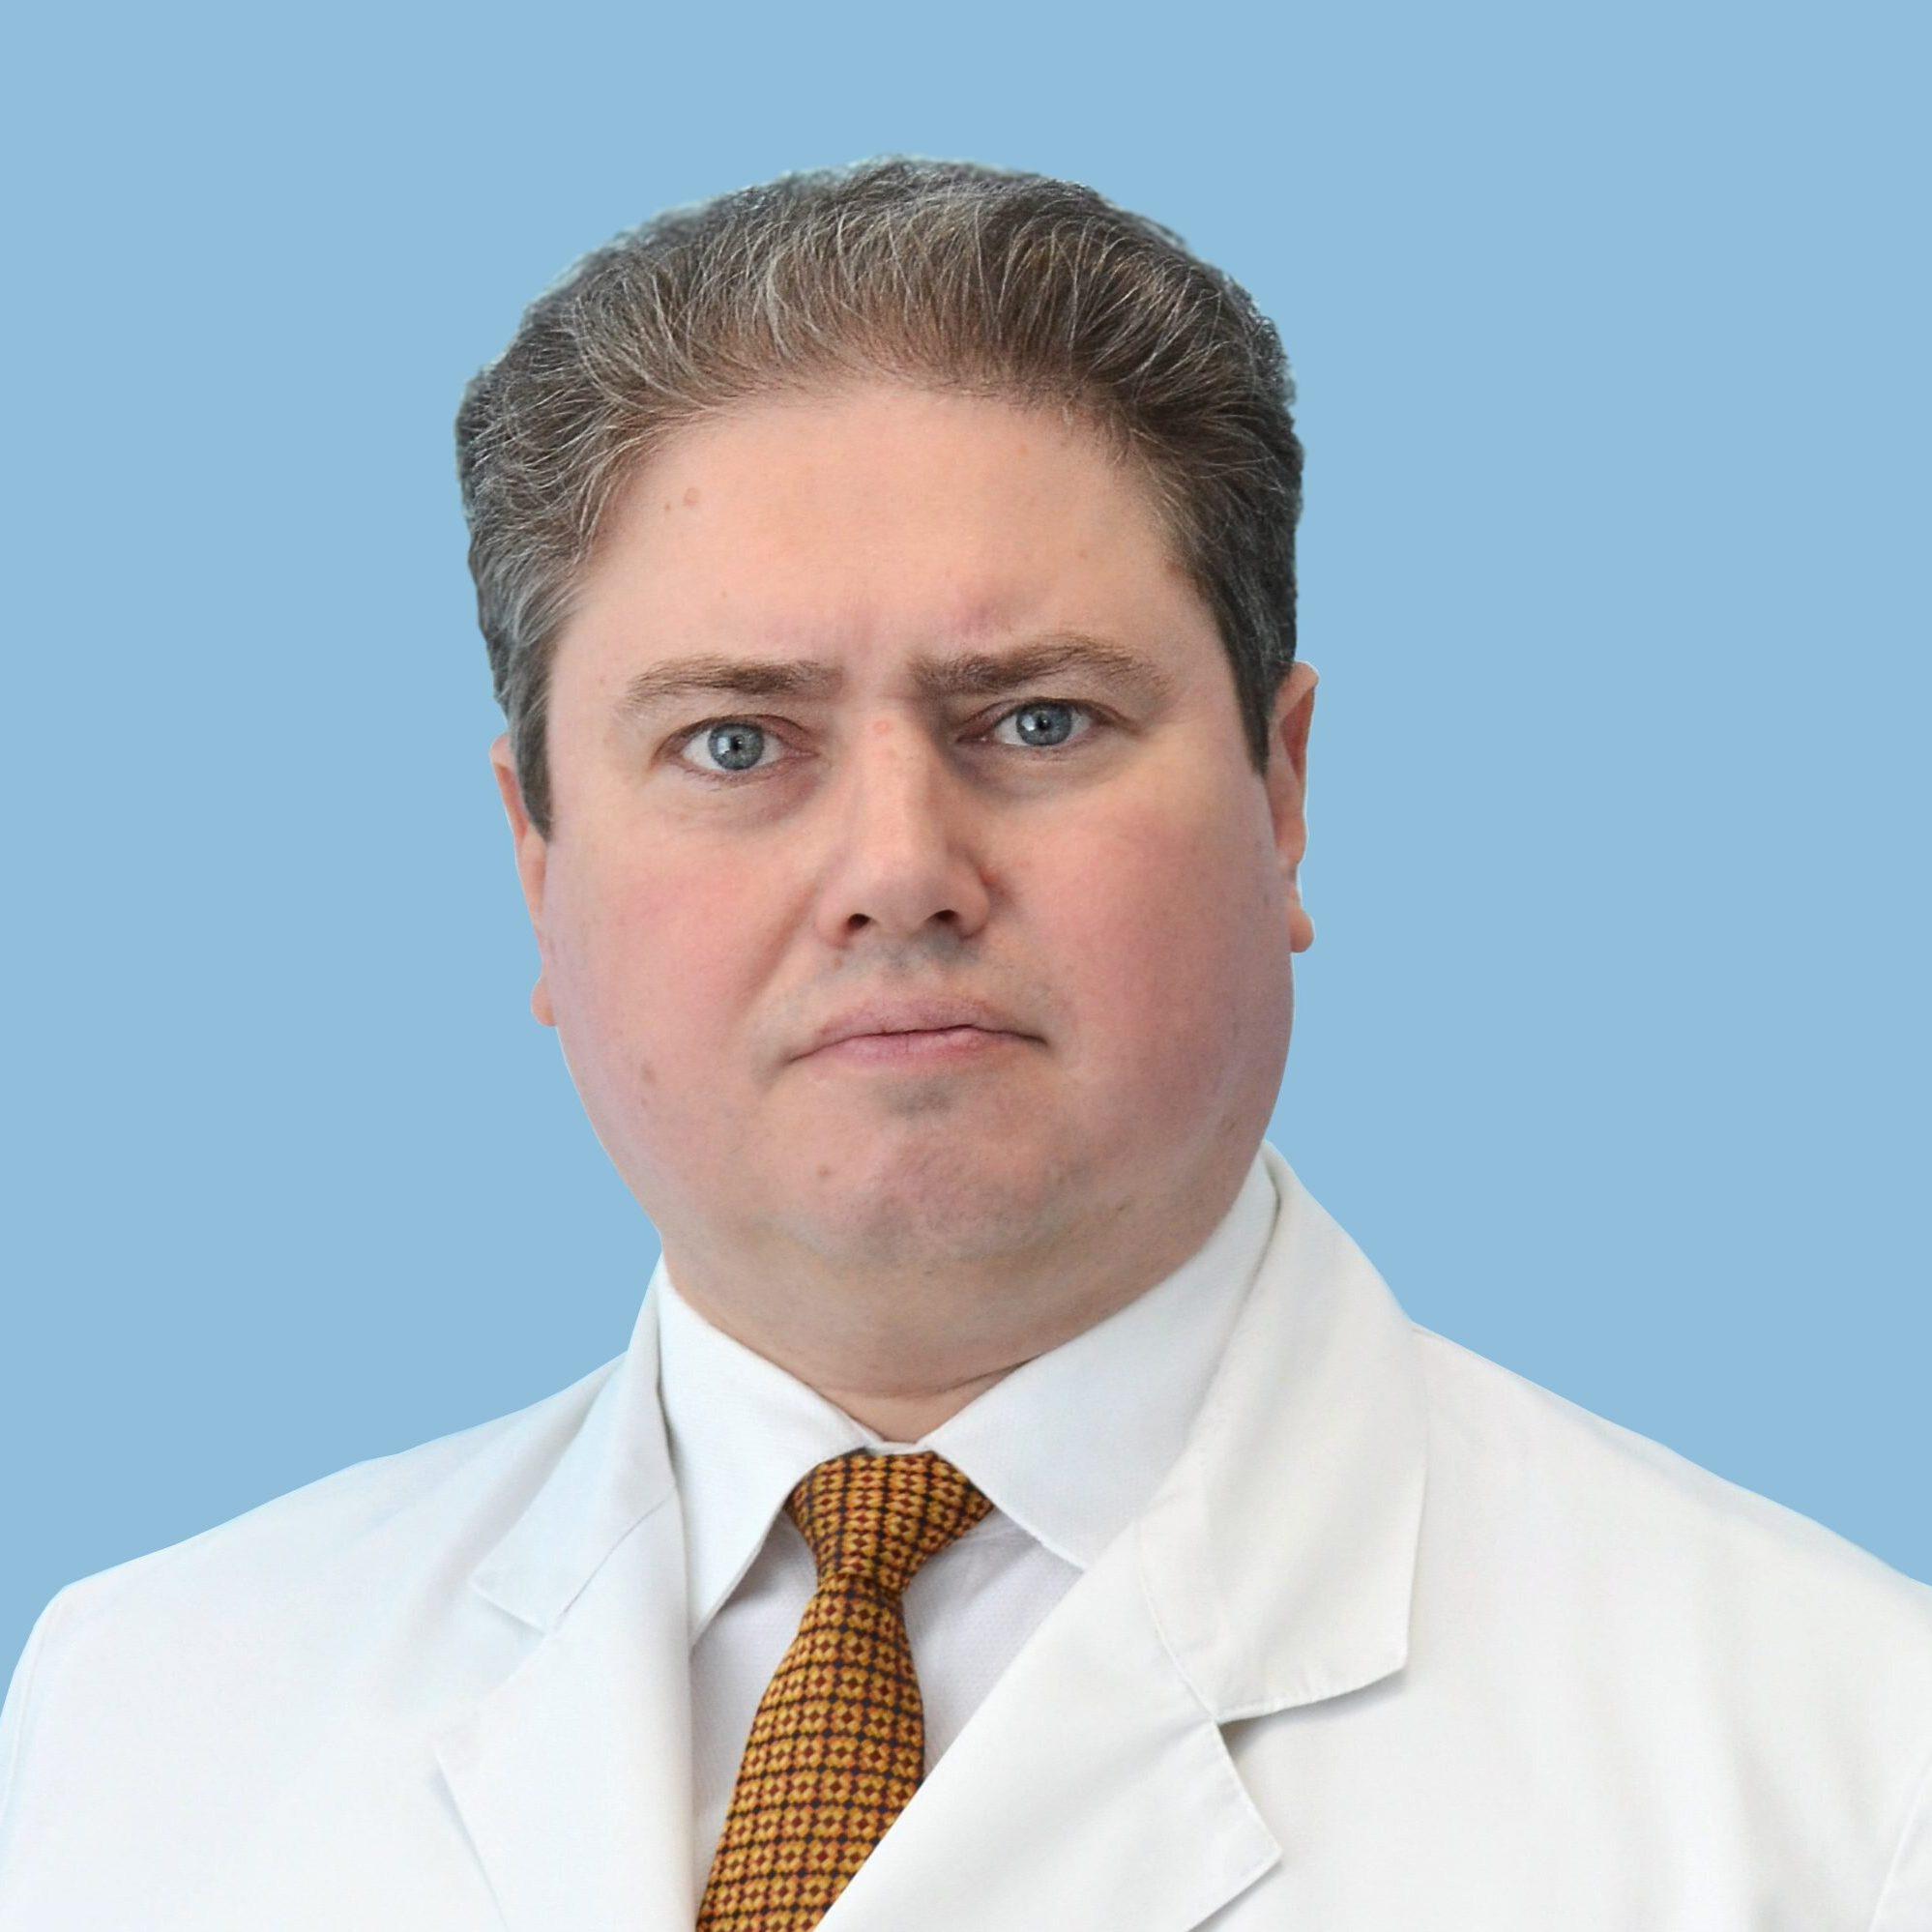 Филатов Роман Евгеньевич, врач-невролог высшей квалификационной категории, кандидат медицинских наук, старший научный сотрудник